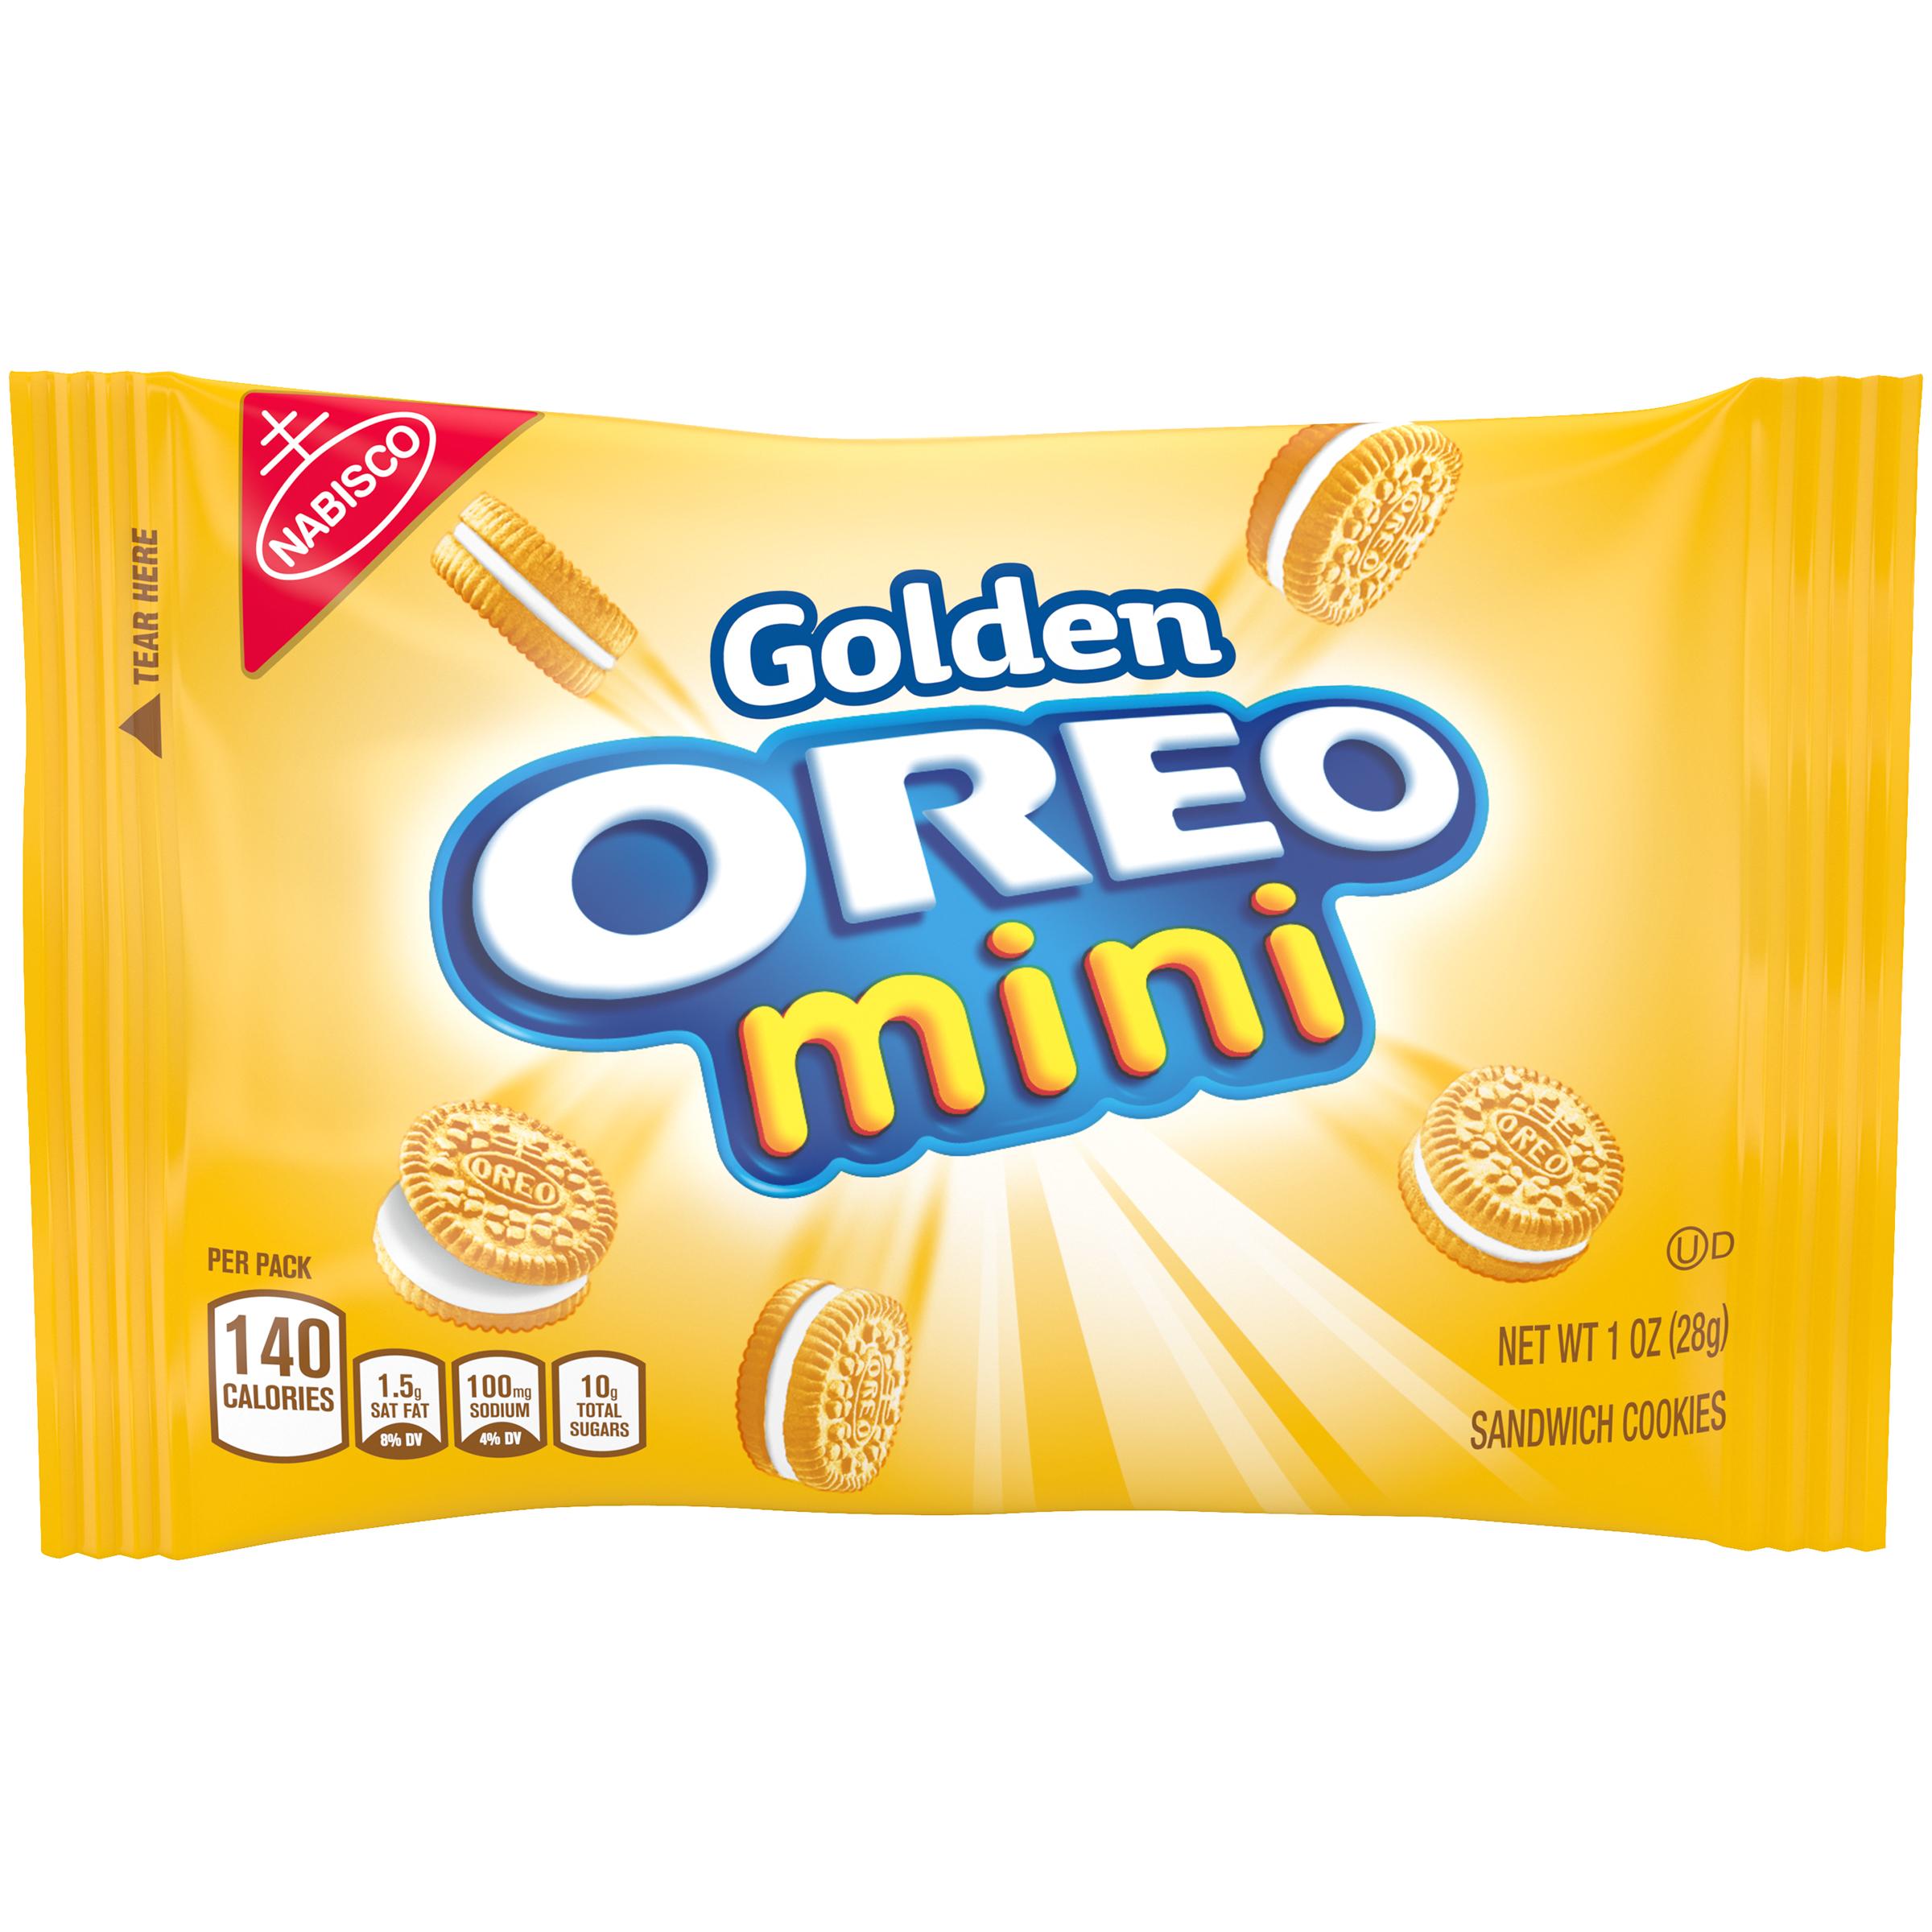 OREO Golden Oreo Cookies - Mini 1 oz